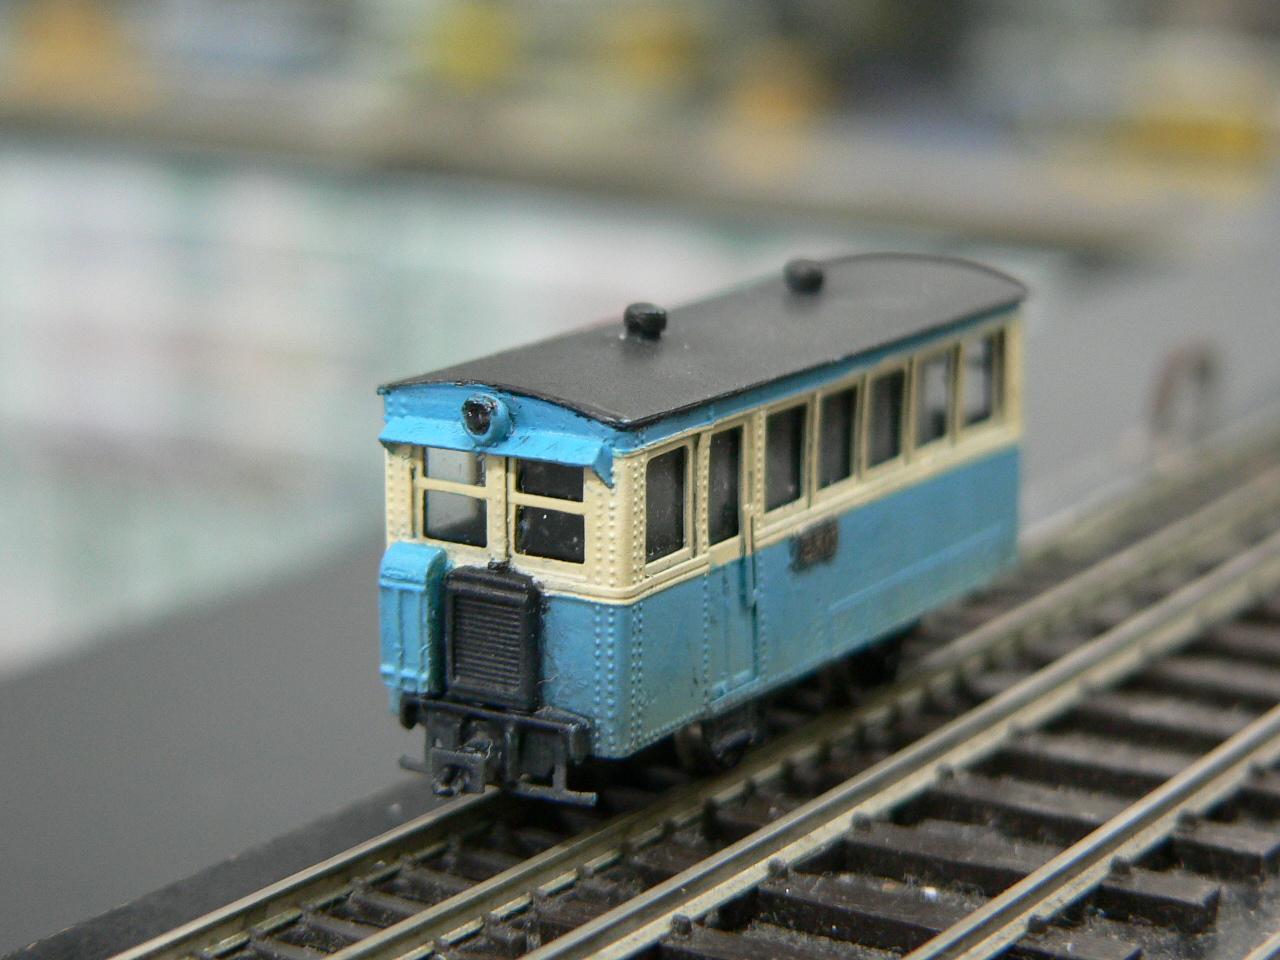 もけいや松原は近鉄電車が見える模型屋さん